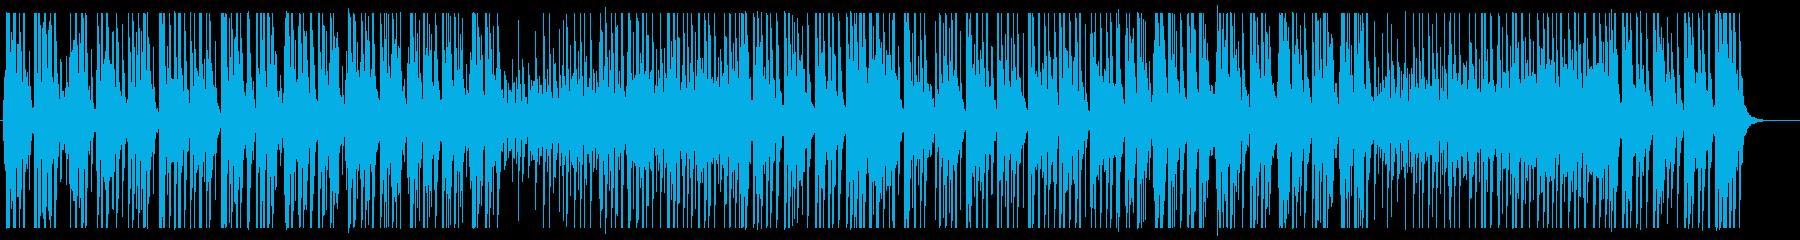 威勢が良く力強い和太鼓のリズムの再生済みの波形